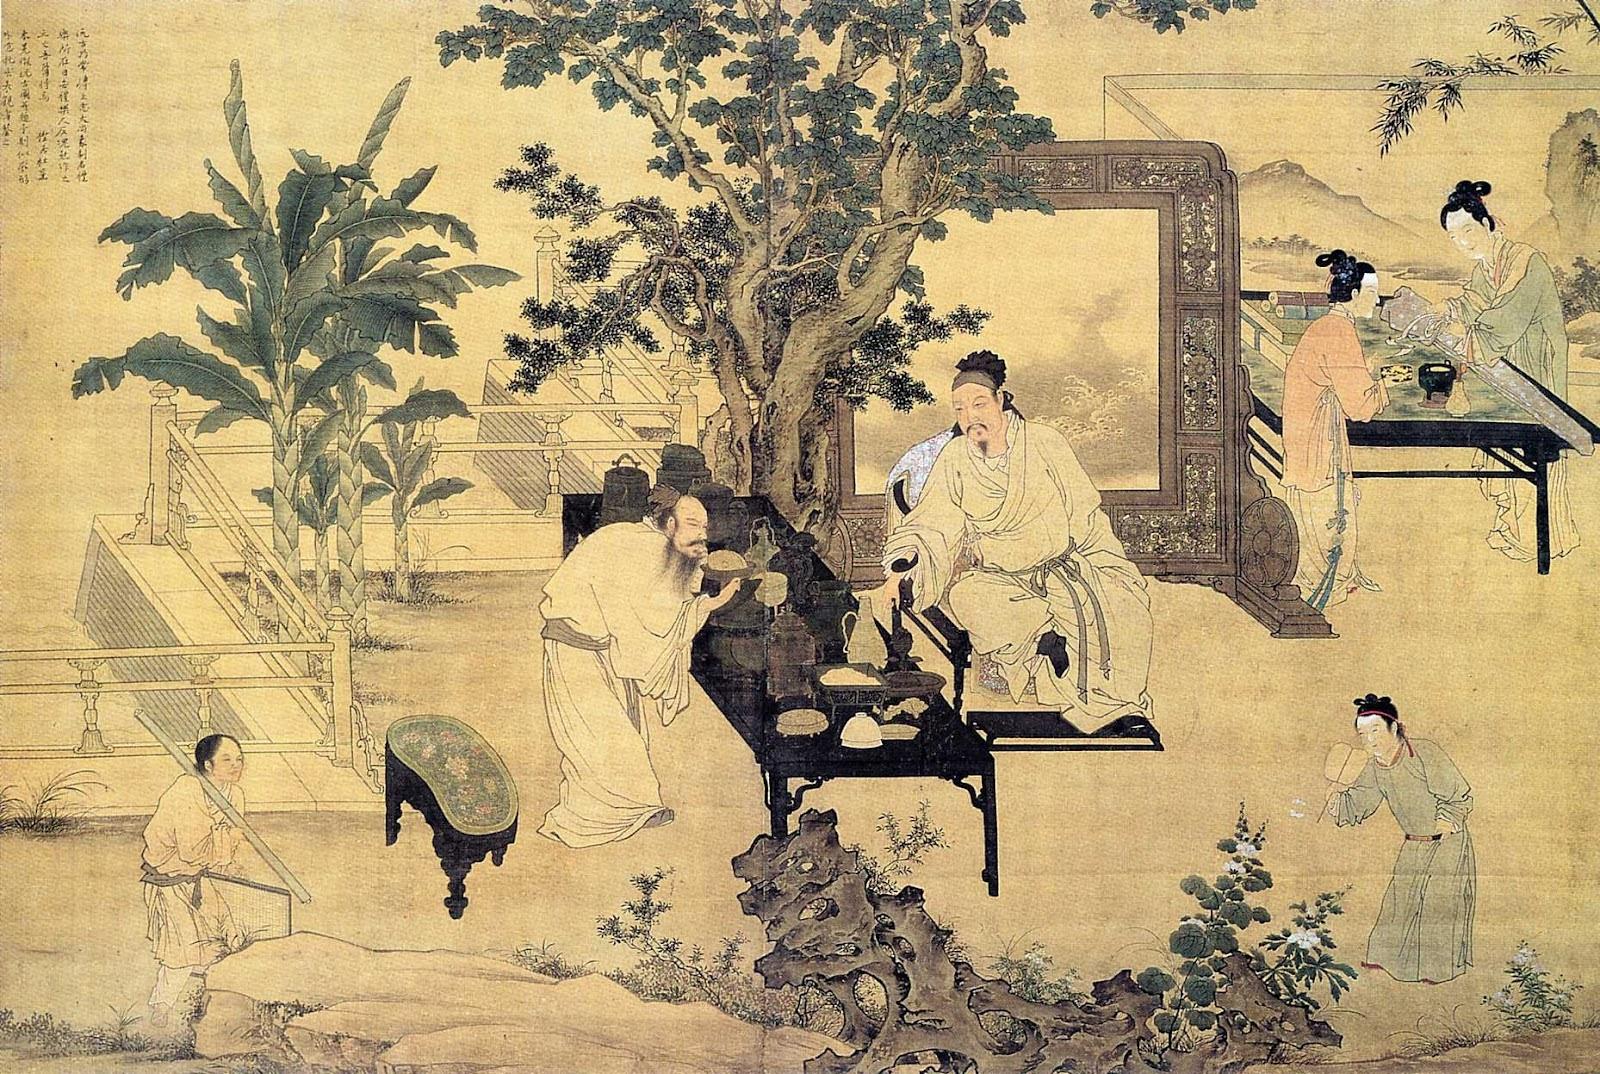 L'antico medico ed erborista cinese Sun Simiao disse che la virtù era la chiave per la salute e la longevità. (Immagine: Larry Koester tramite Flickr CC BY 2.0)